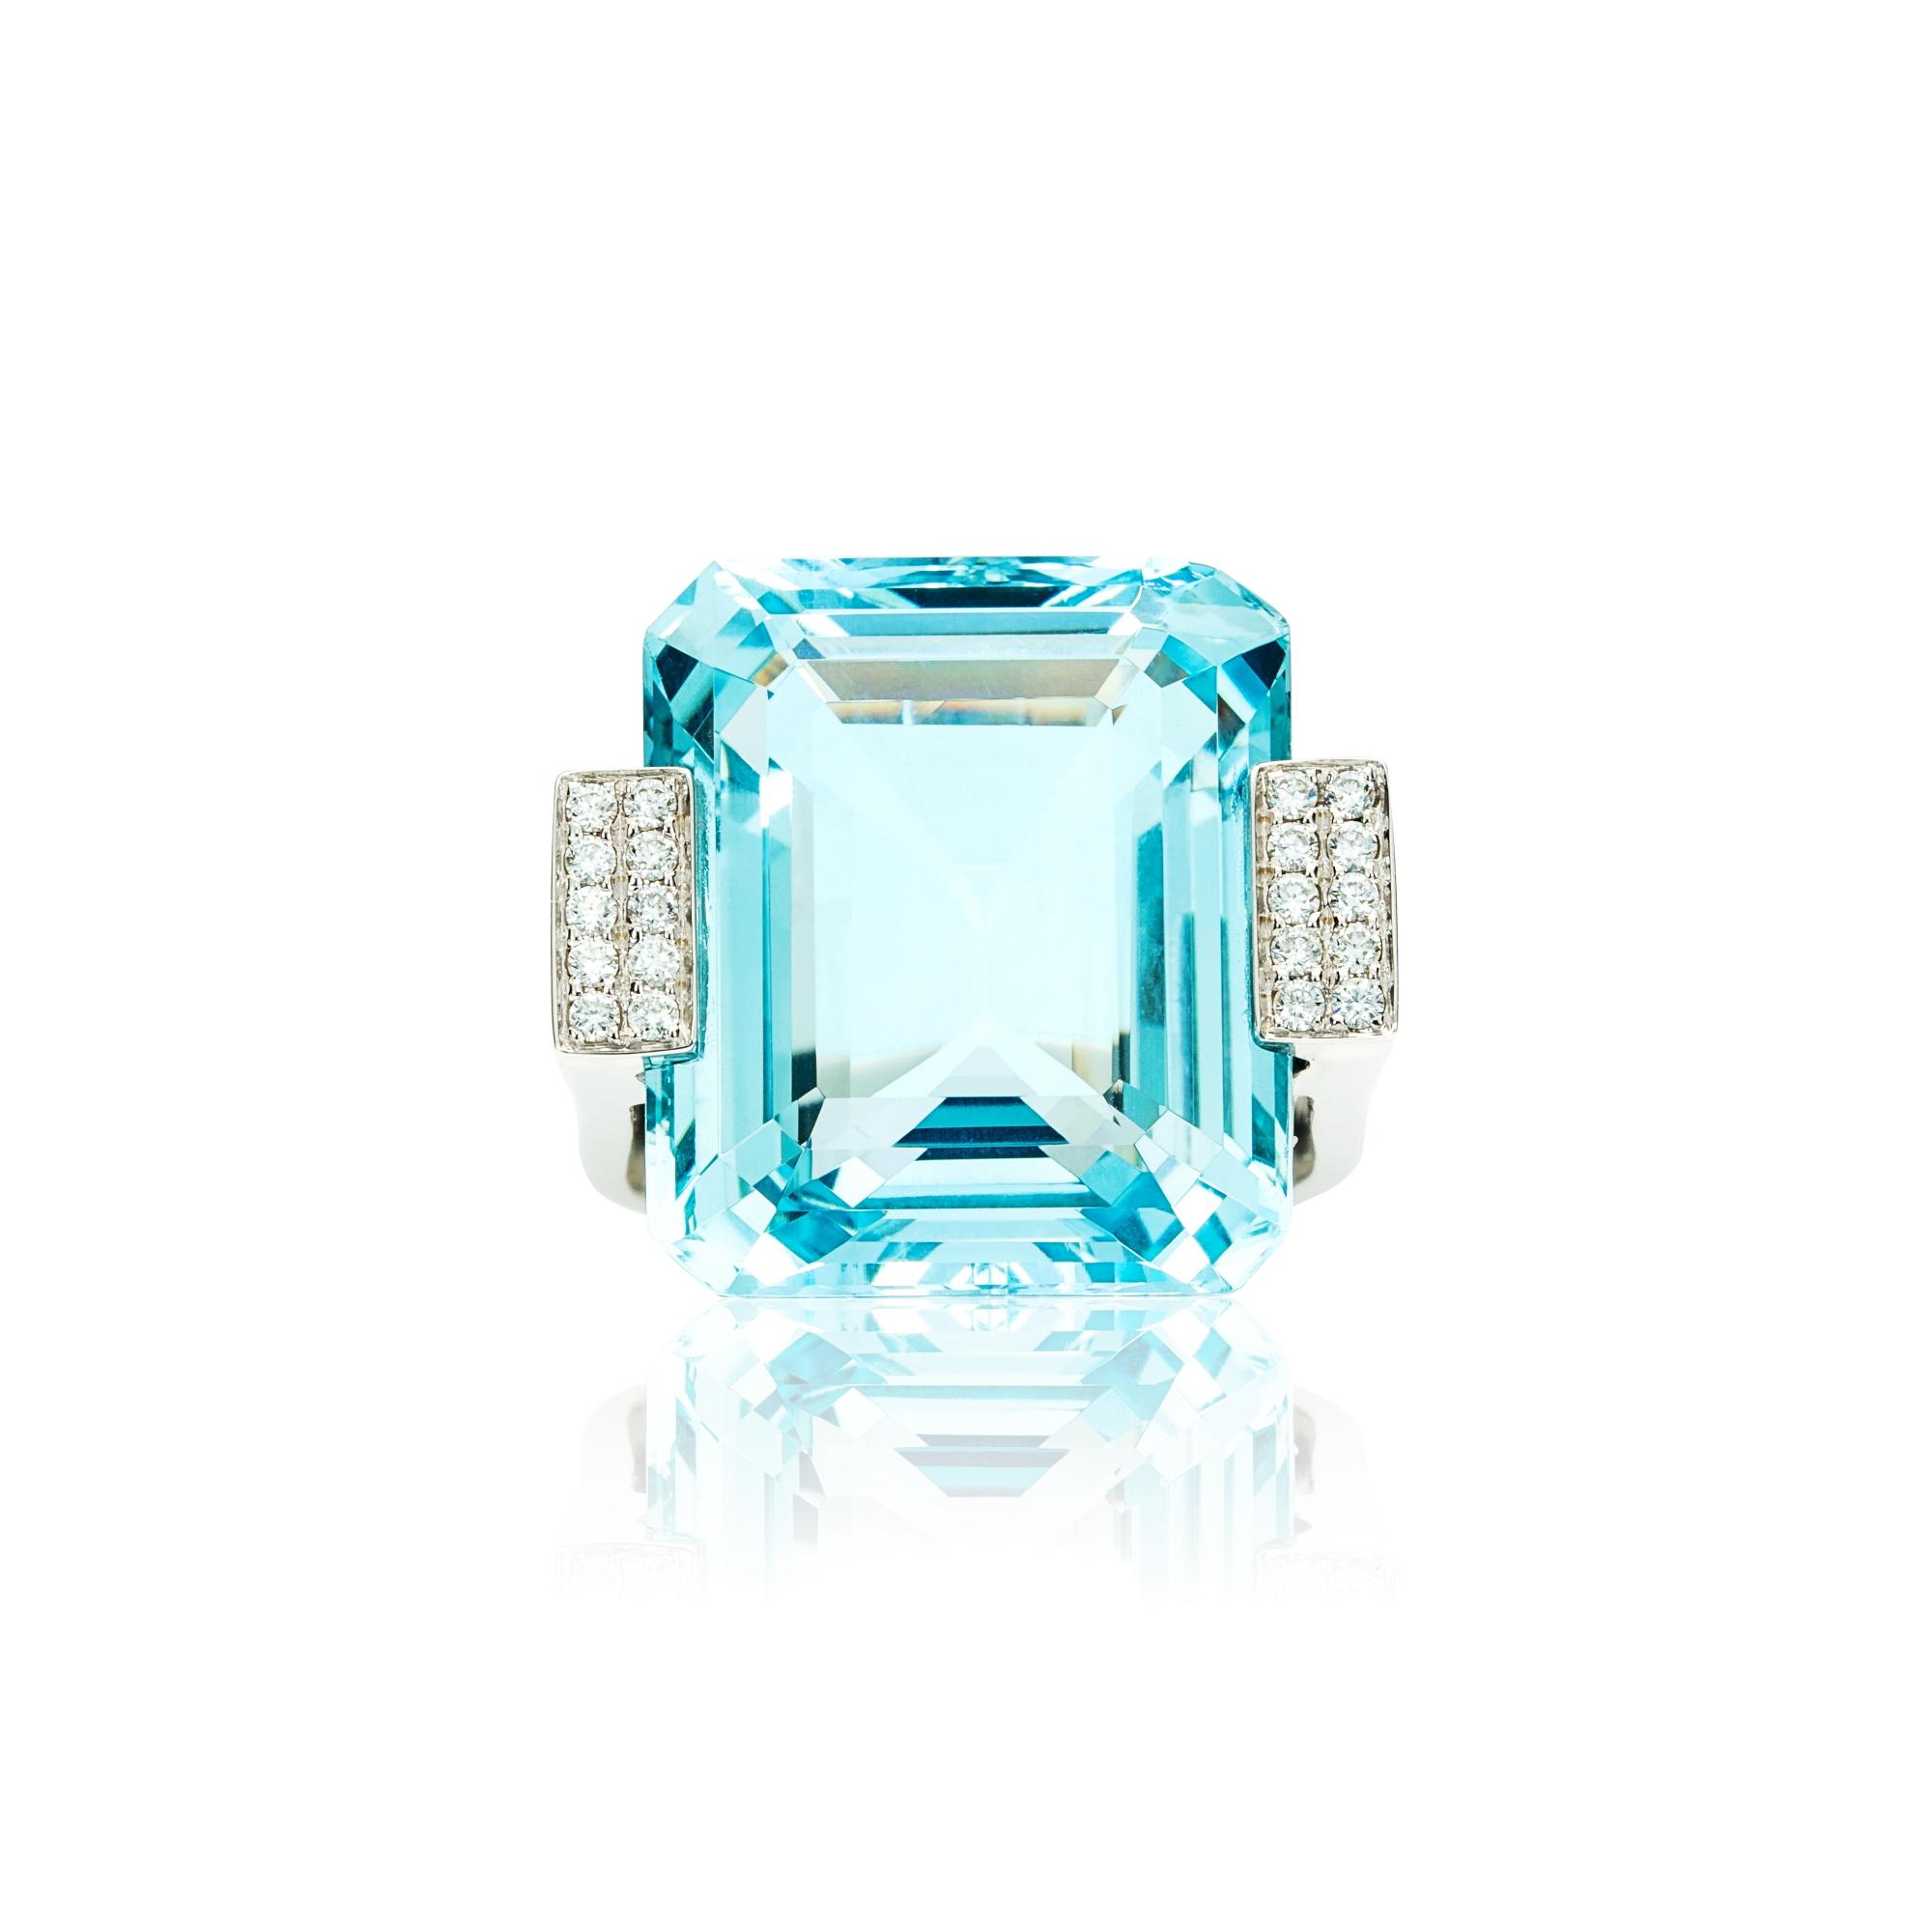 方形海蓝宝石,配镶钻石,18K白金镶嵌戒指